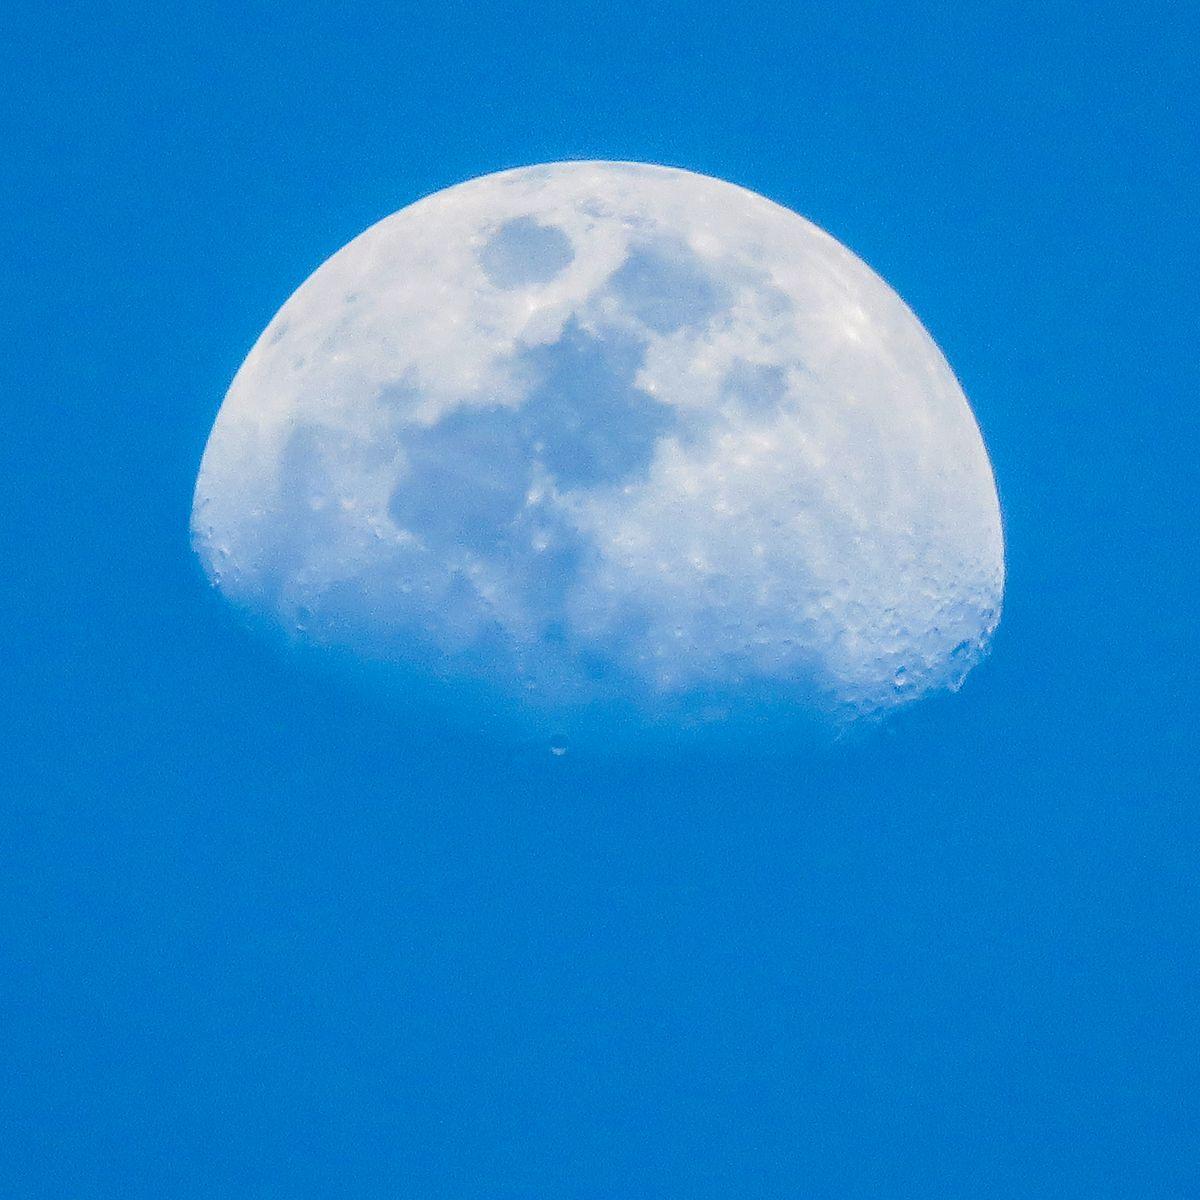 К чему снится луна: что это может значить и чего ждать - фото №1